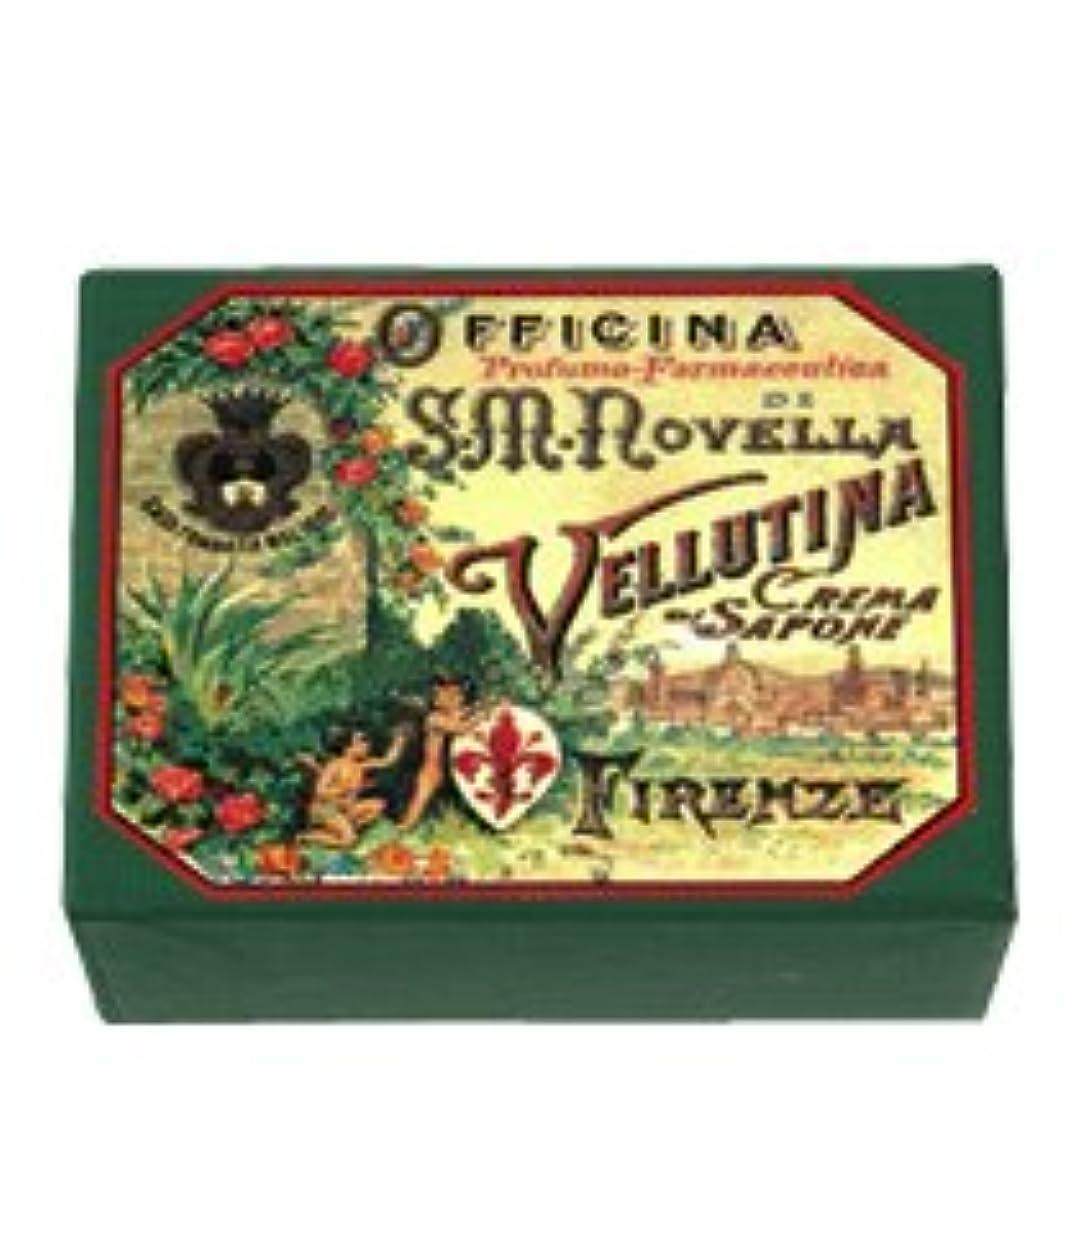 シガレットゆでる風邪をひく【Santa Maria Novella(サンタマリアノヴェッラ )】ヴェルティーナソープ 150g Vellutina Crema di Sapone